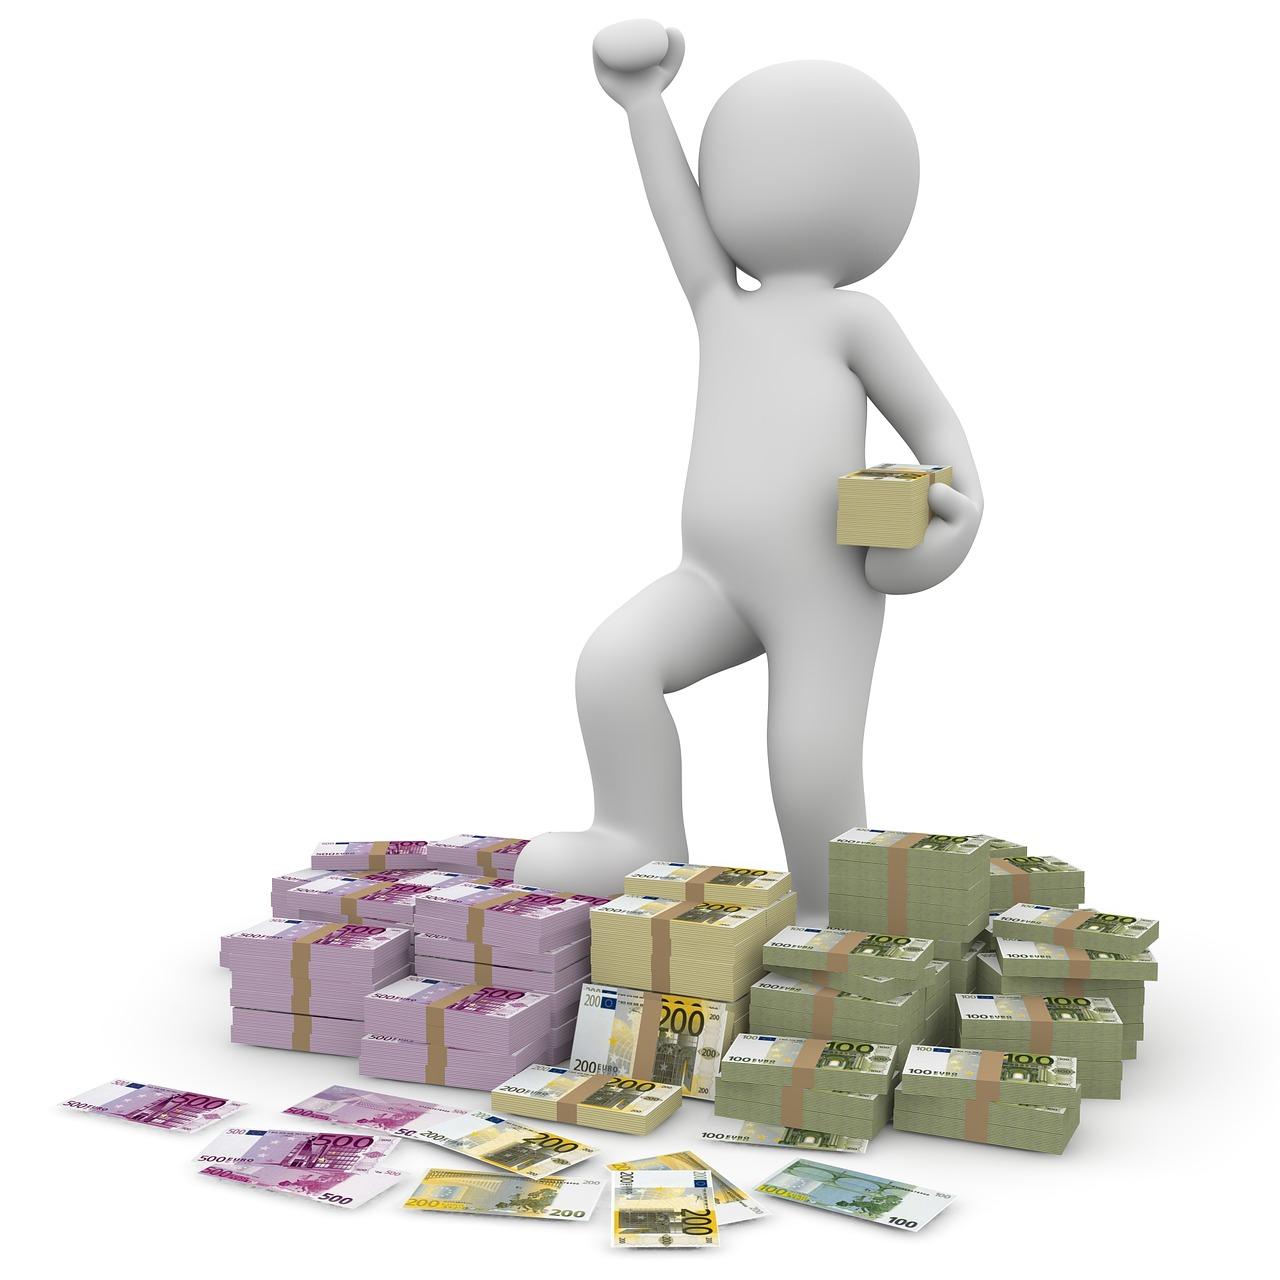 お金に執着する人の心理状態とは?お金ぎあると安心感が得られる